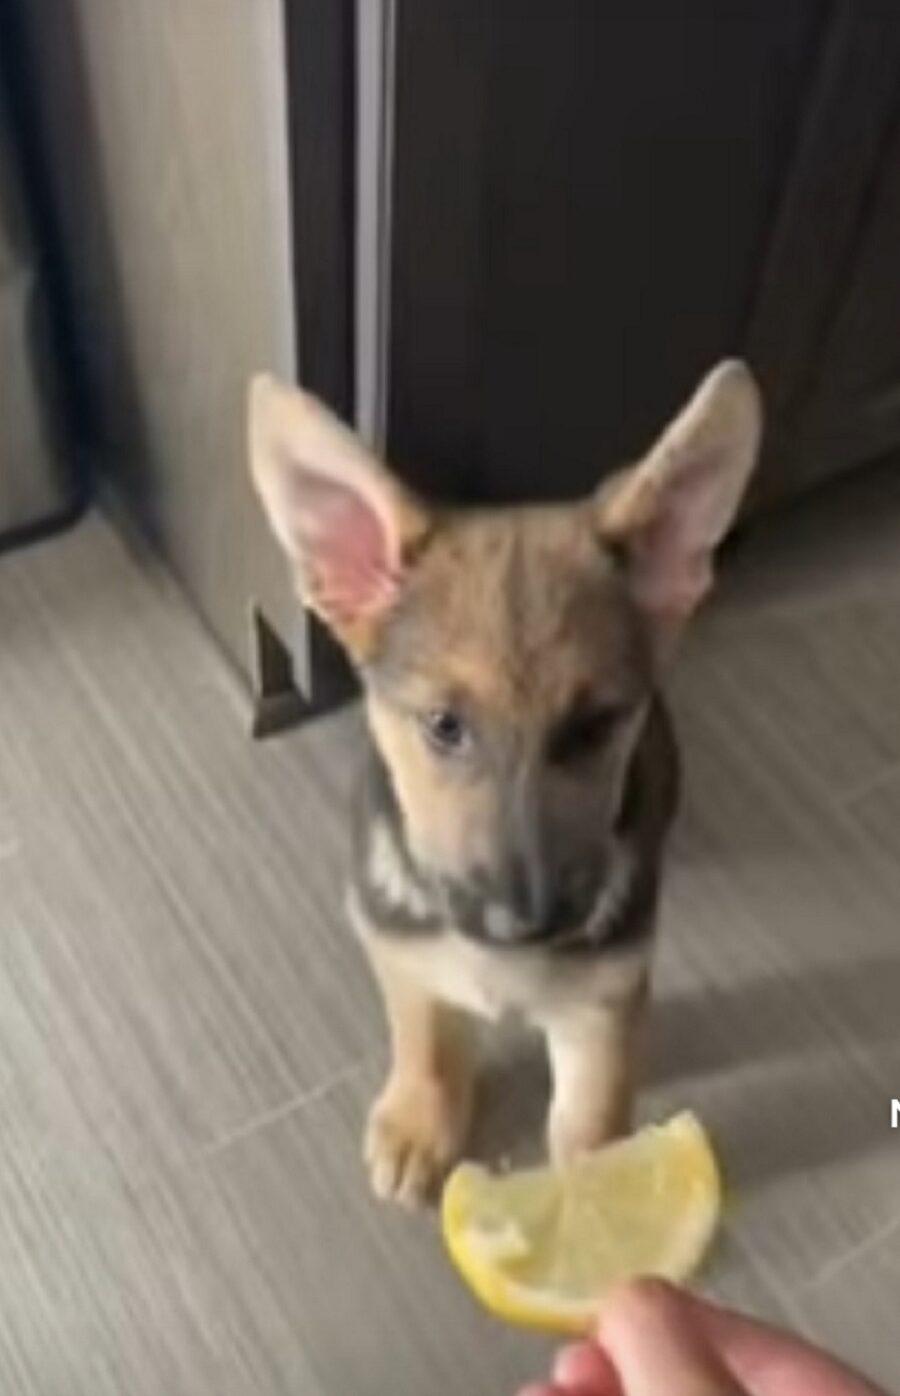 video di un simpatico cagnolino che assaggia un limone